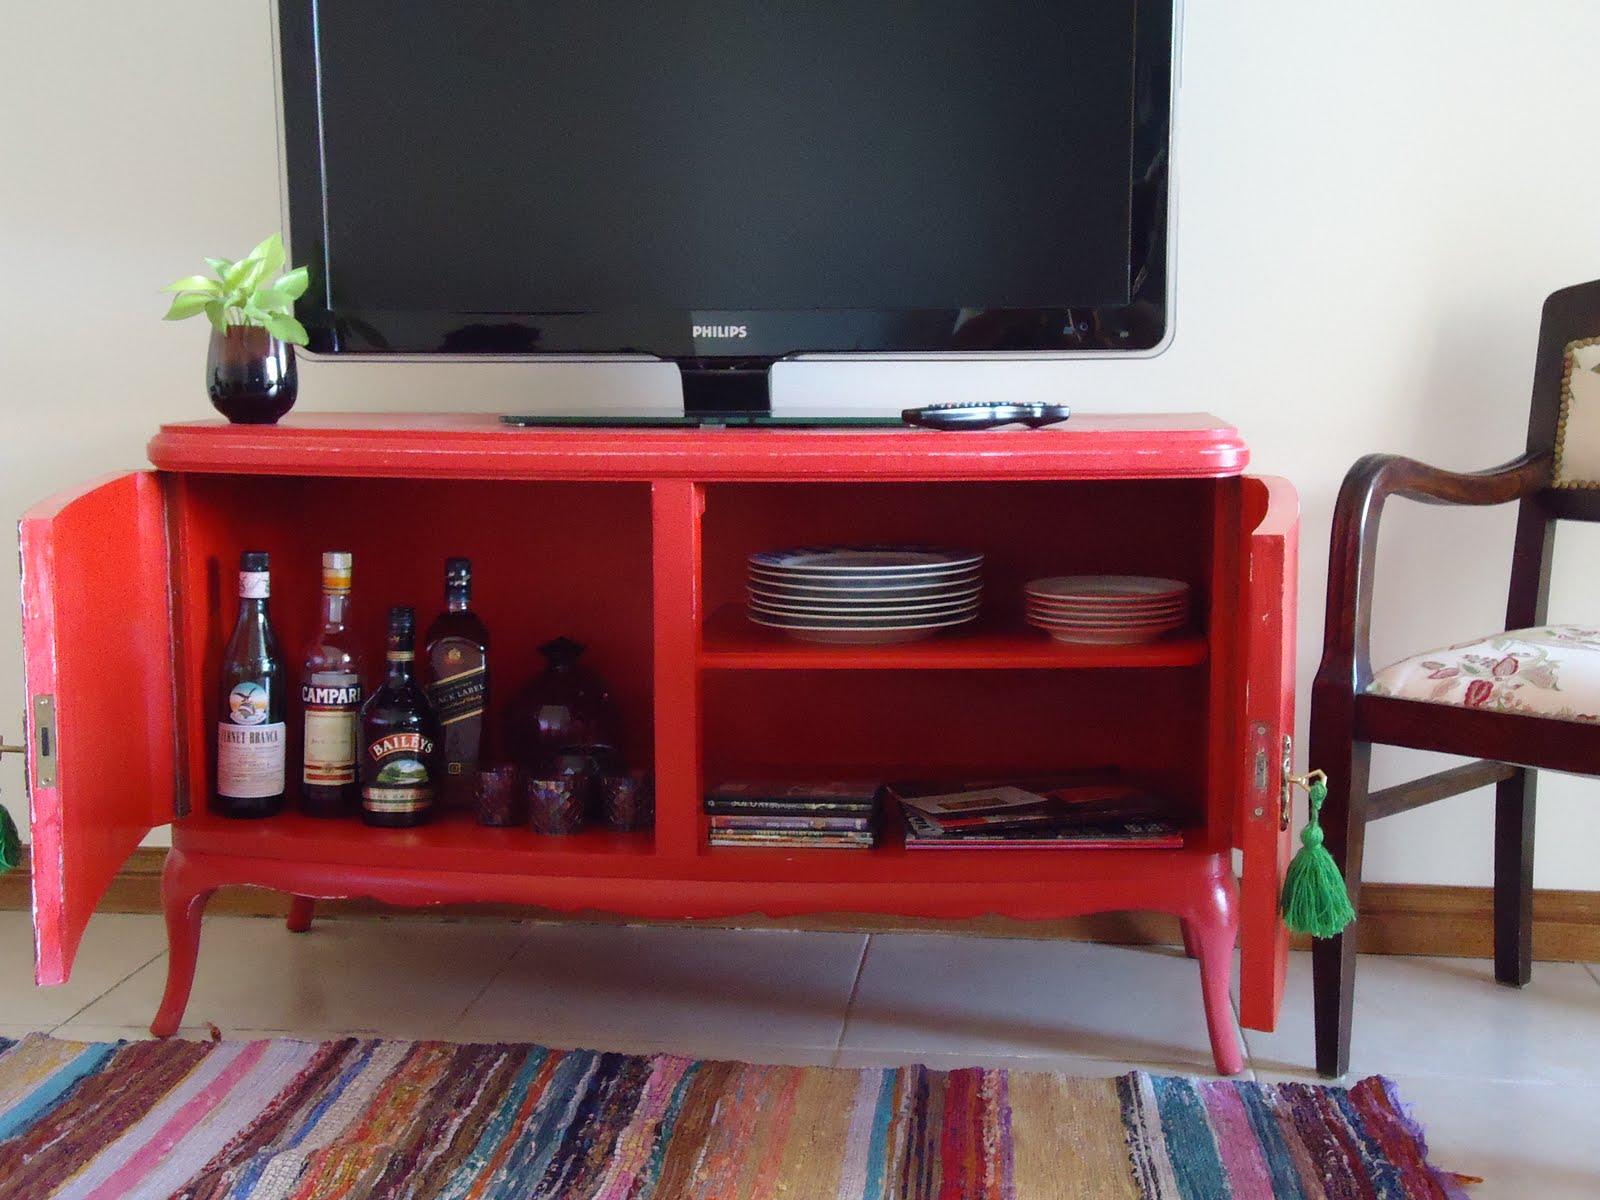 Vintouch muebles reciclados pintados a mano mueble rojo frances estante dos puertas - Mueble salon rojo ...